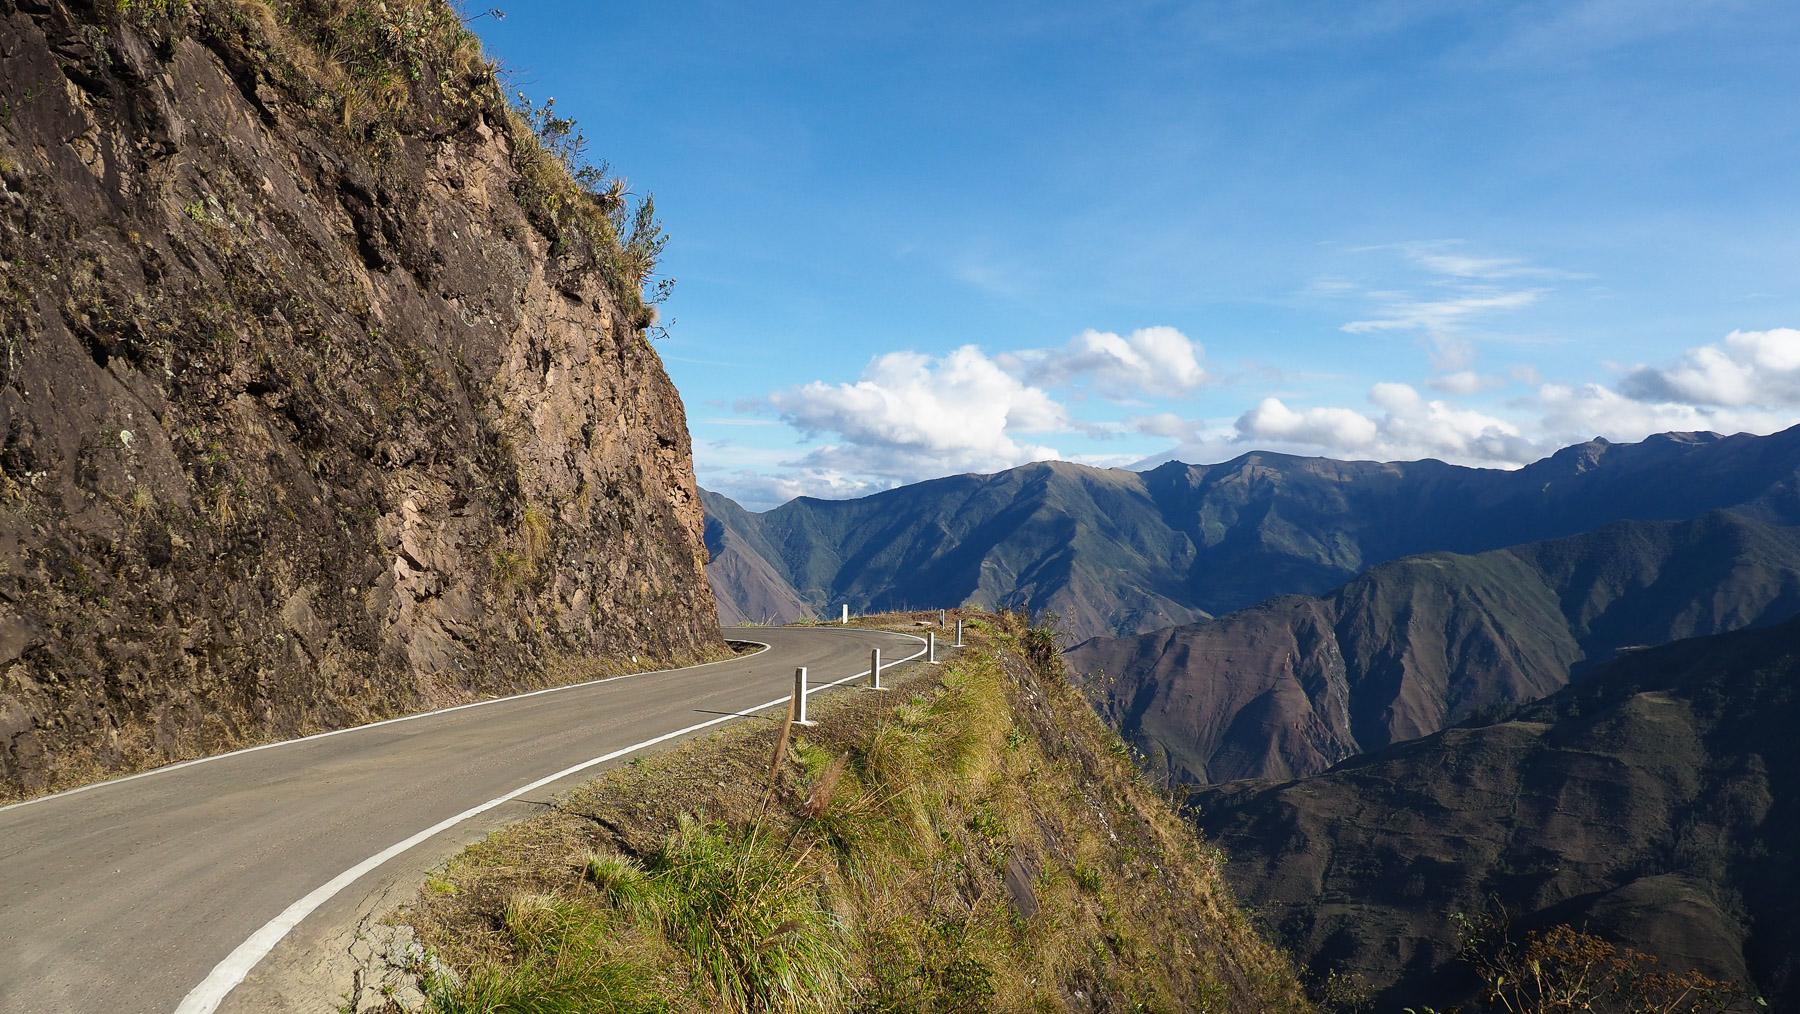 Abenteuerliche Fahrt entlang gruseliger Abgründe